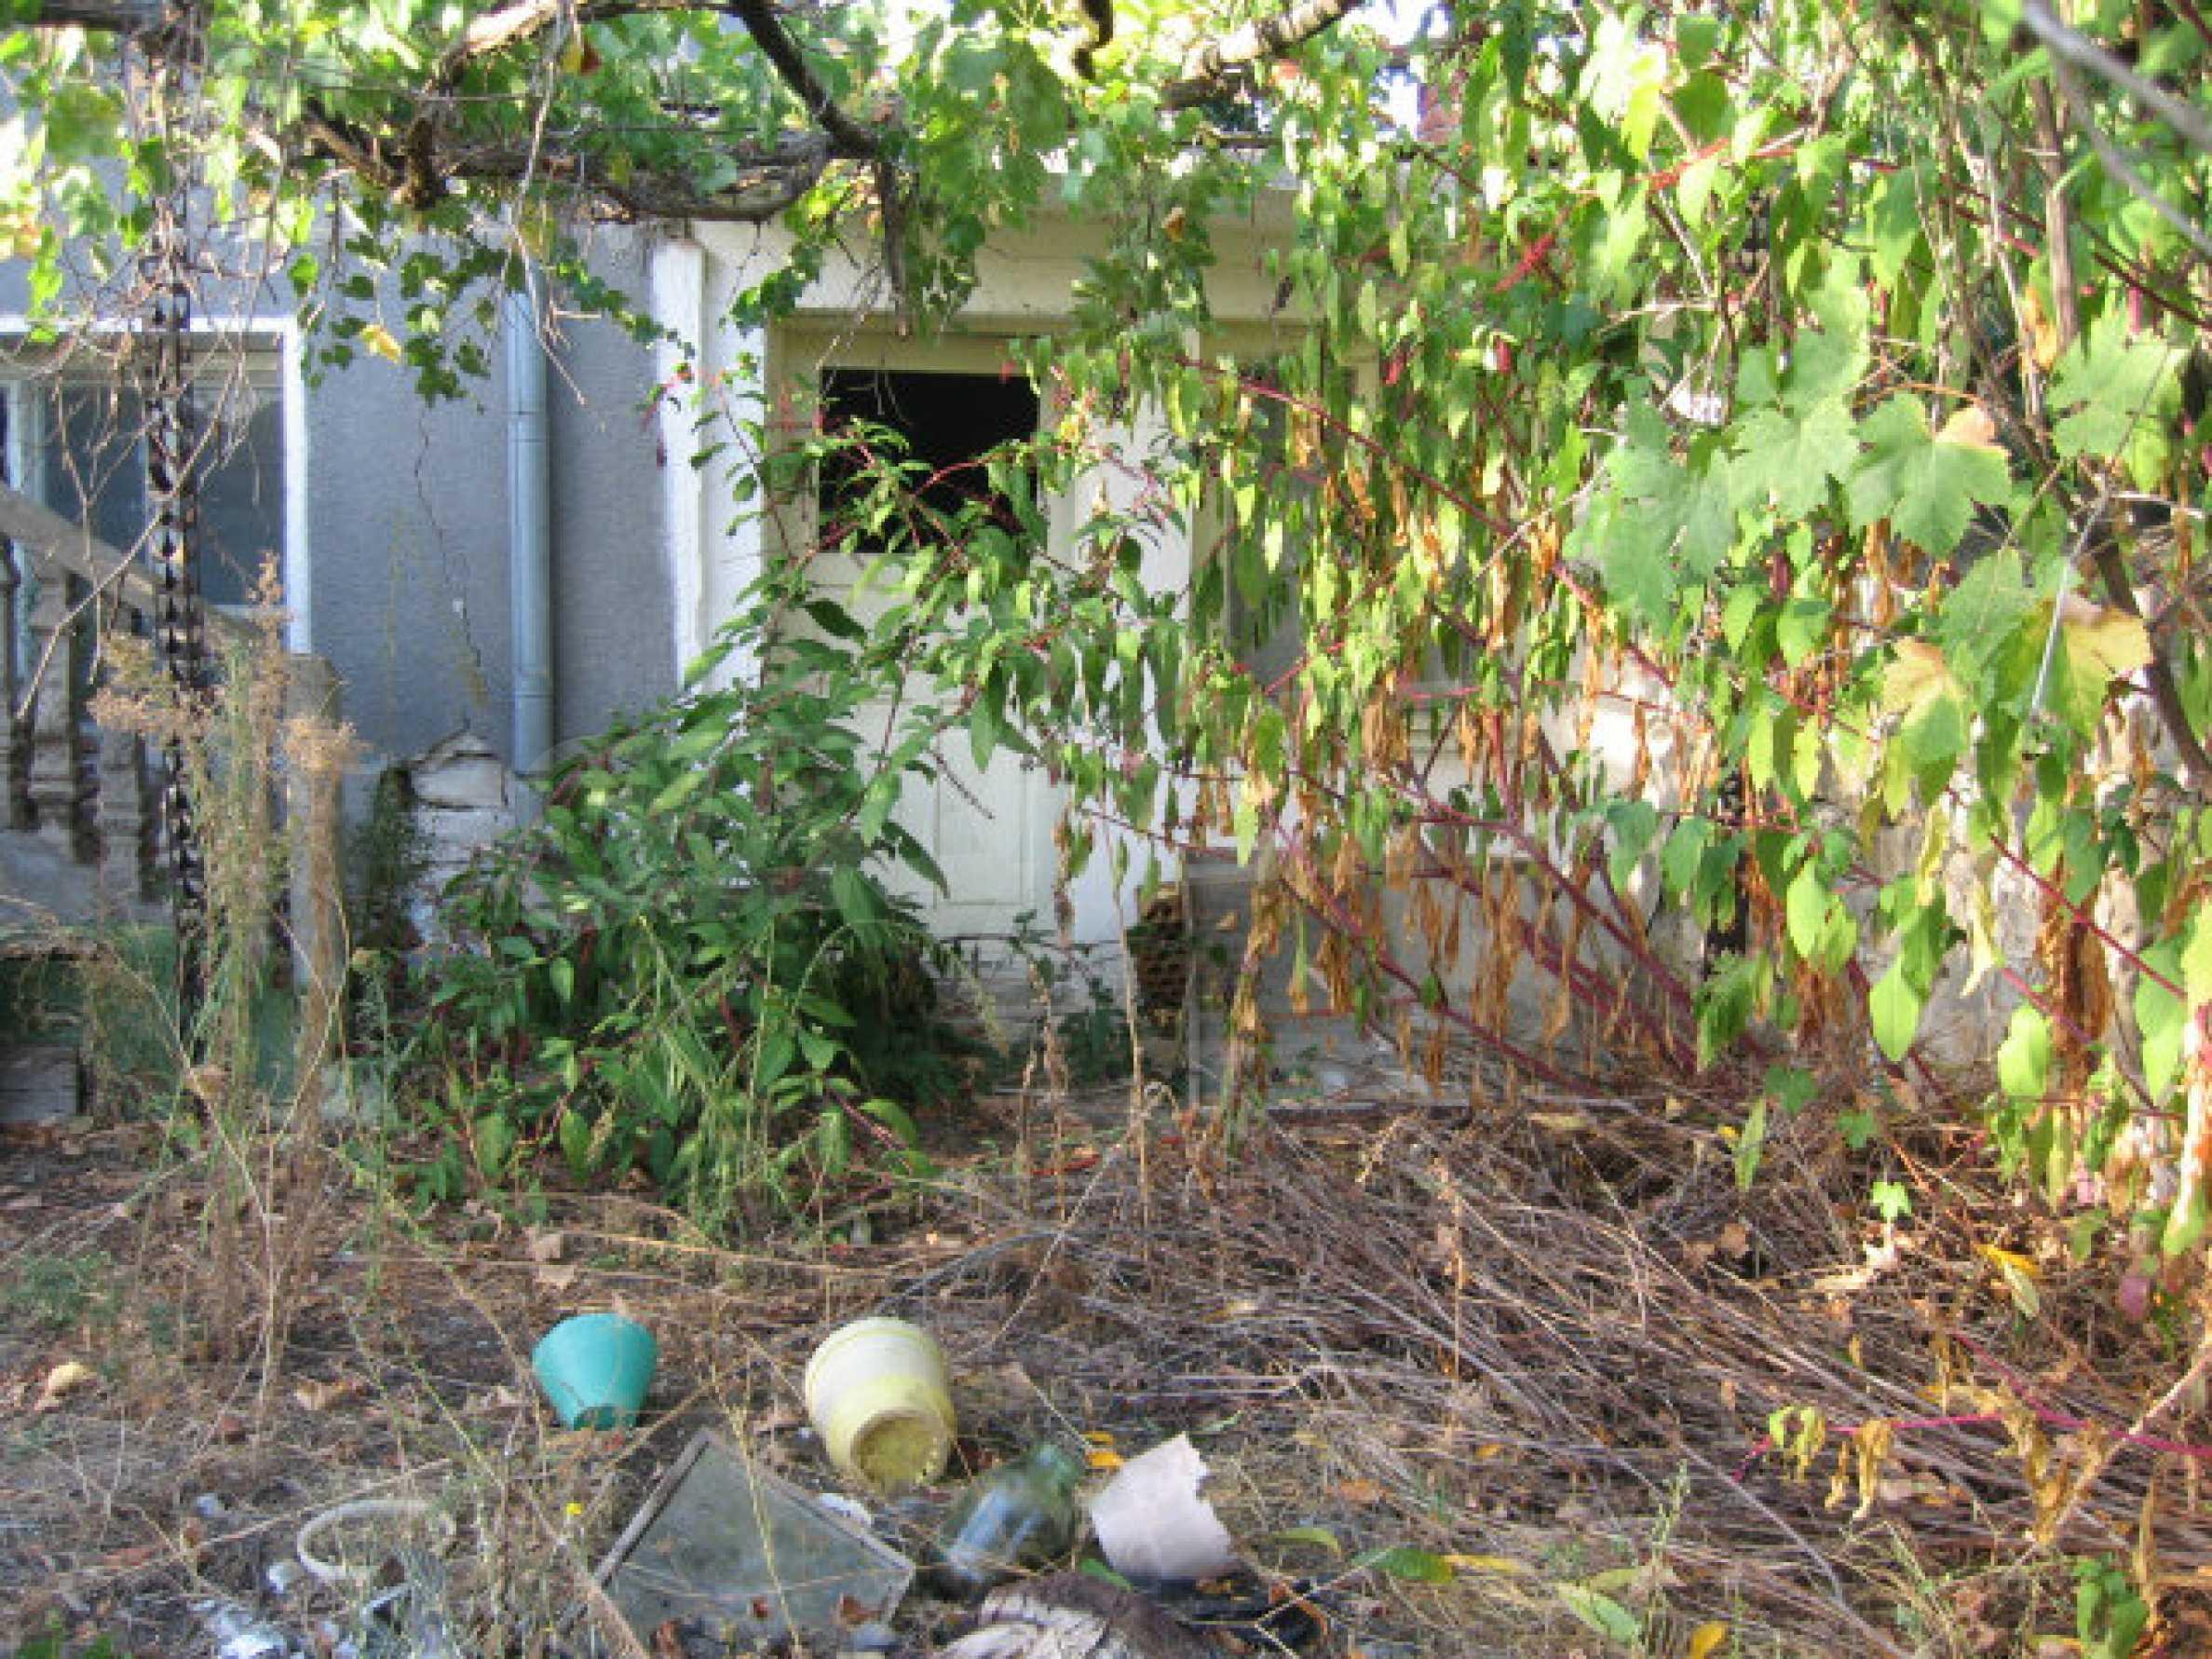 Sonniges zweistöckiges Haus in einem kleinen Dorf in der Nähe der Flüsse Tundzha und Elhovo 23